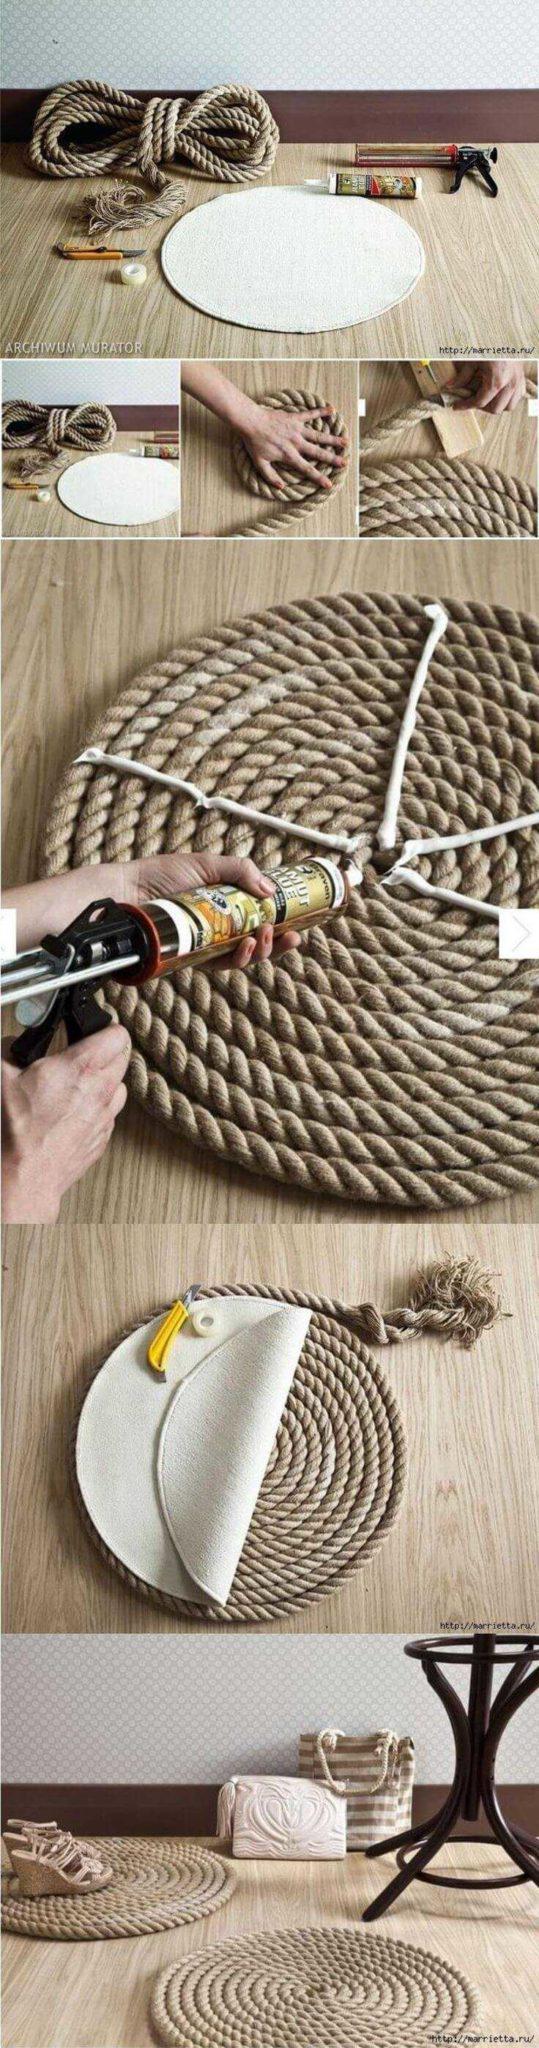 Творческие проекты из веревки сделанные своими руками 19 | Дока-Мастер